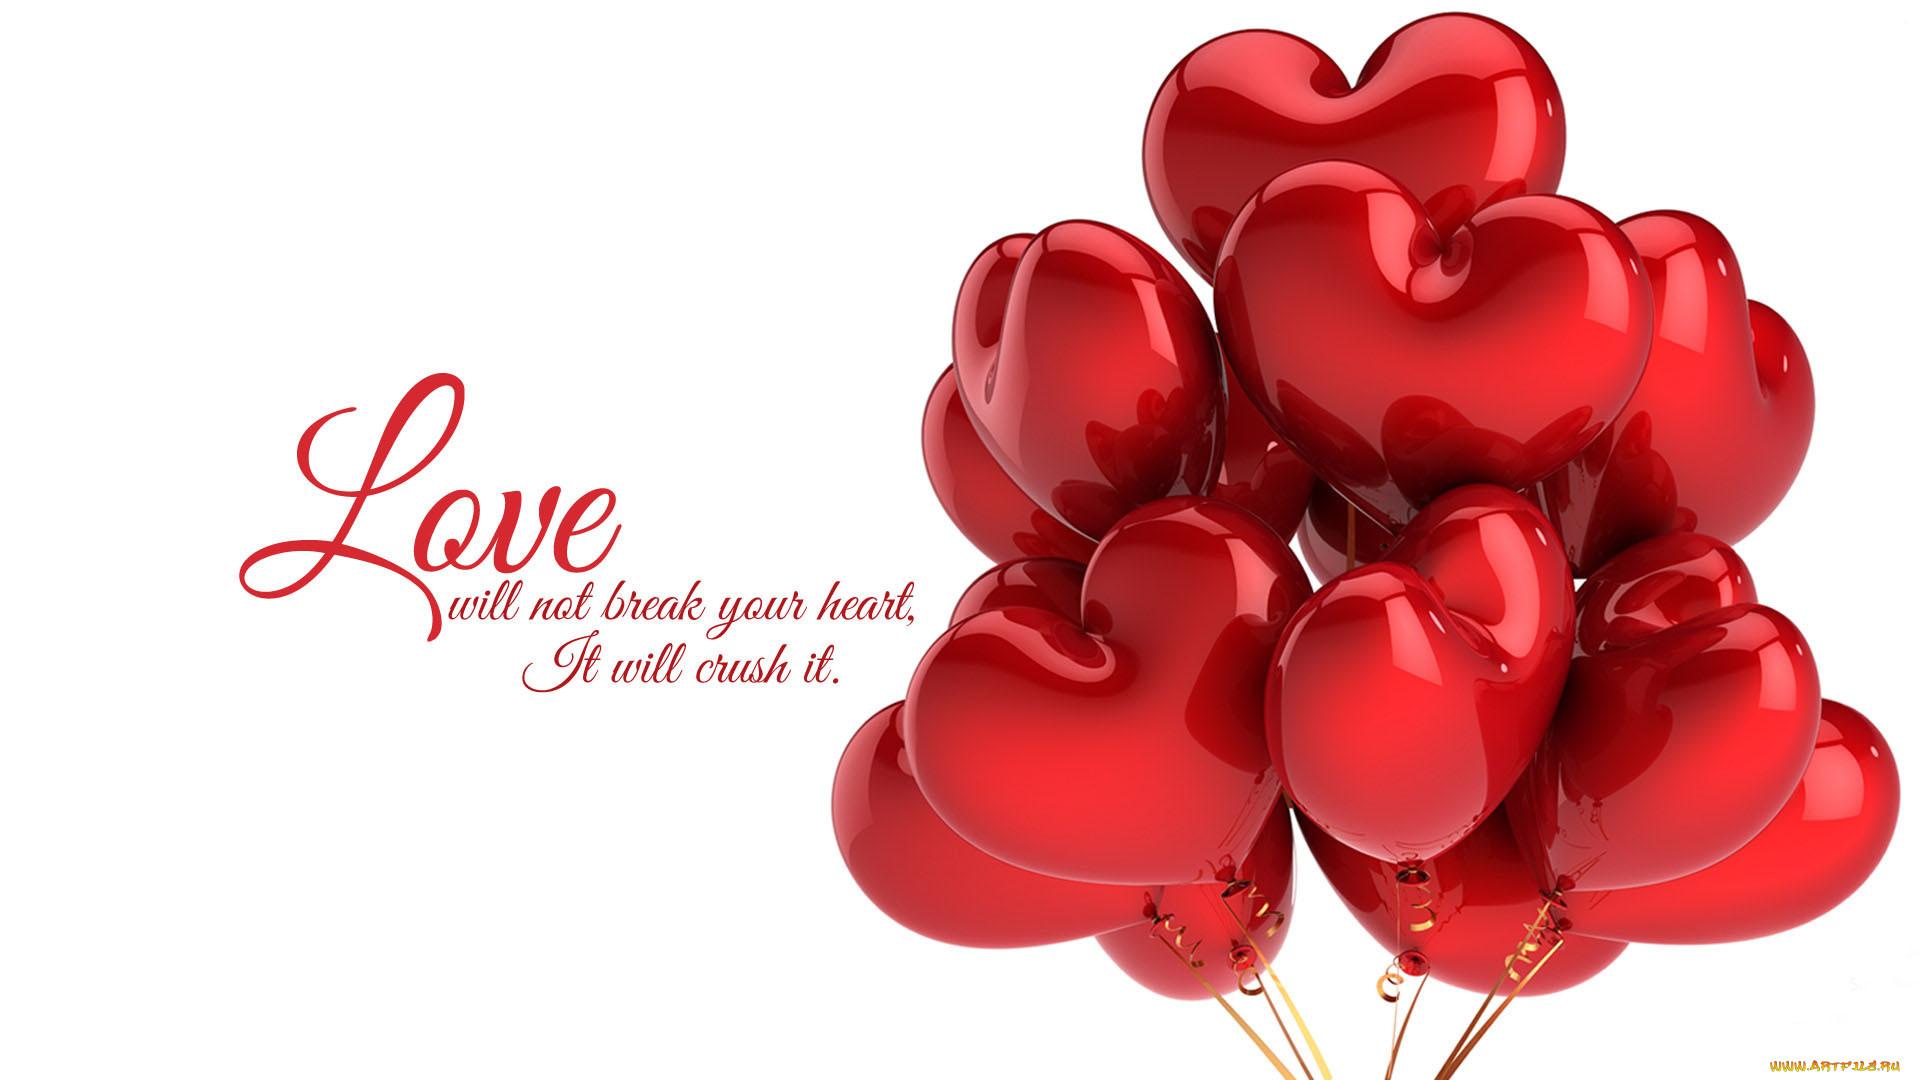 фото, открытки с сердечками любимому мужчине счастью